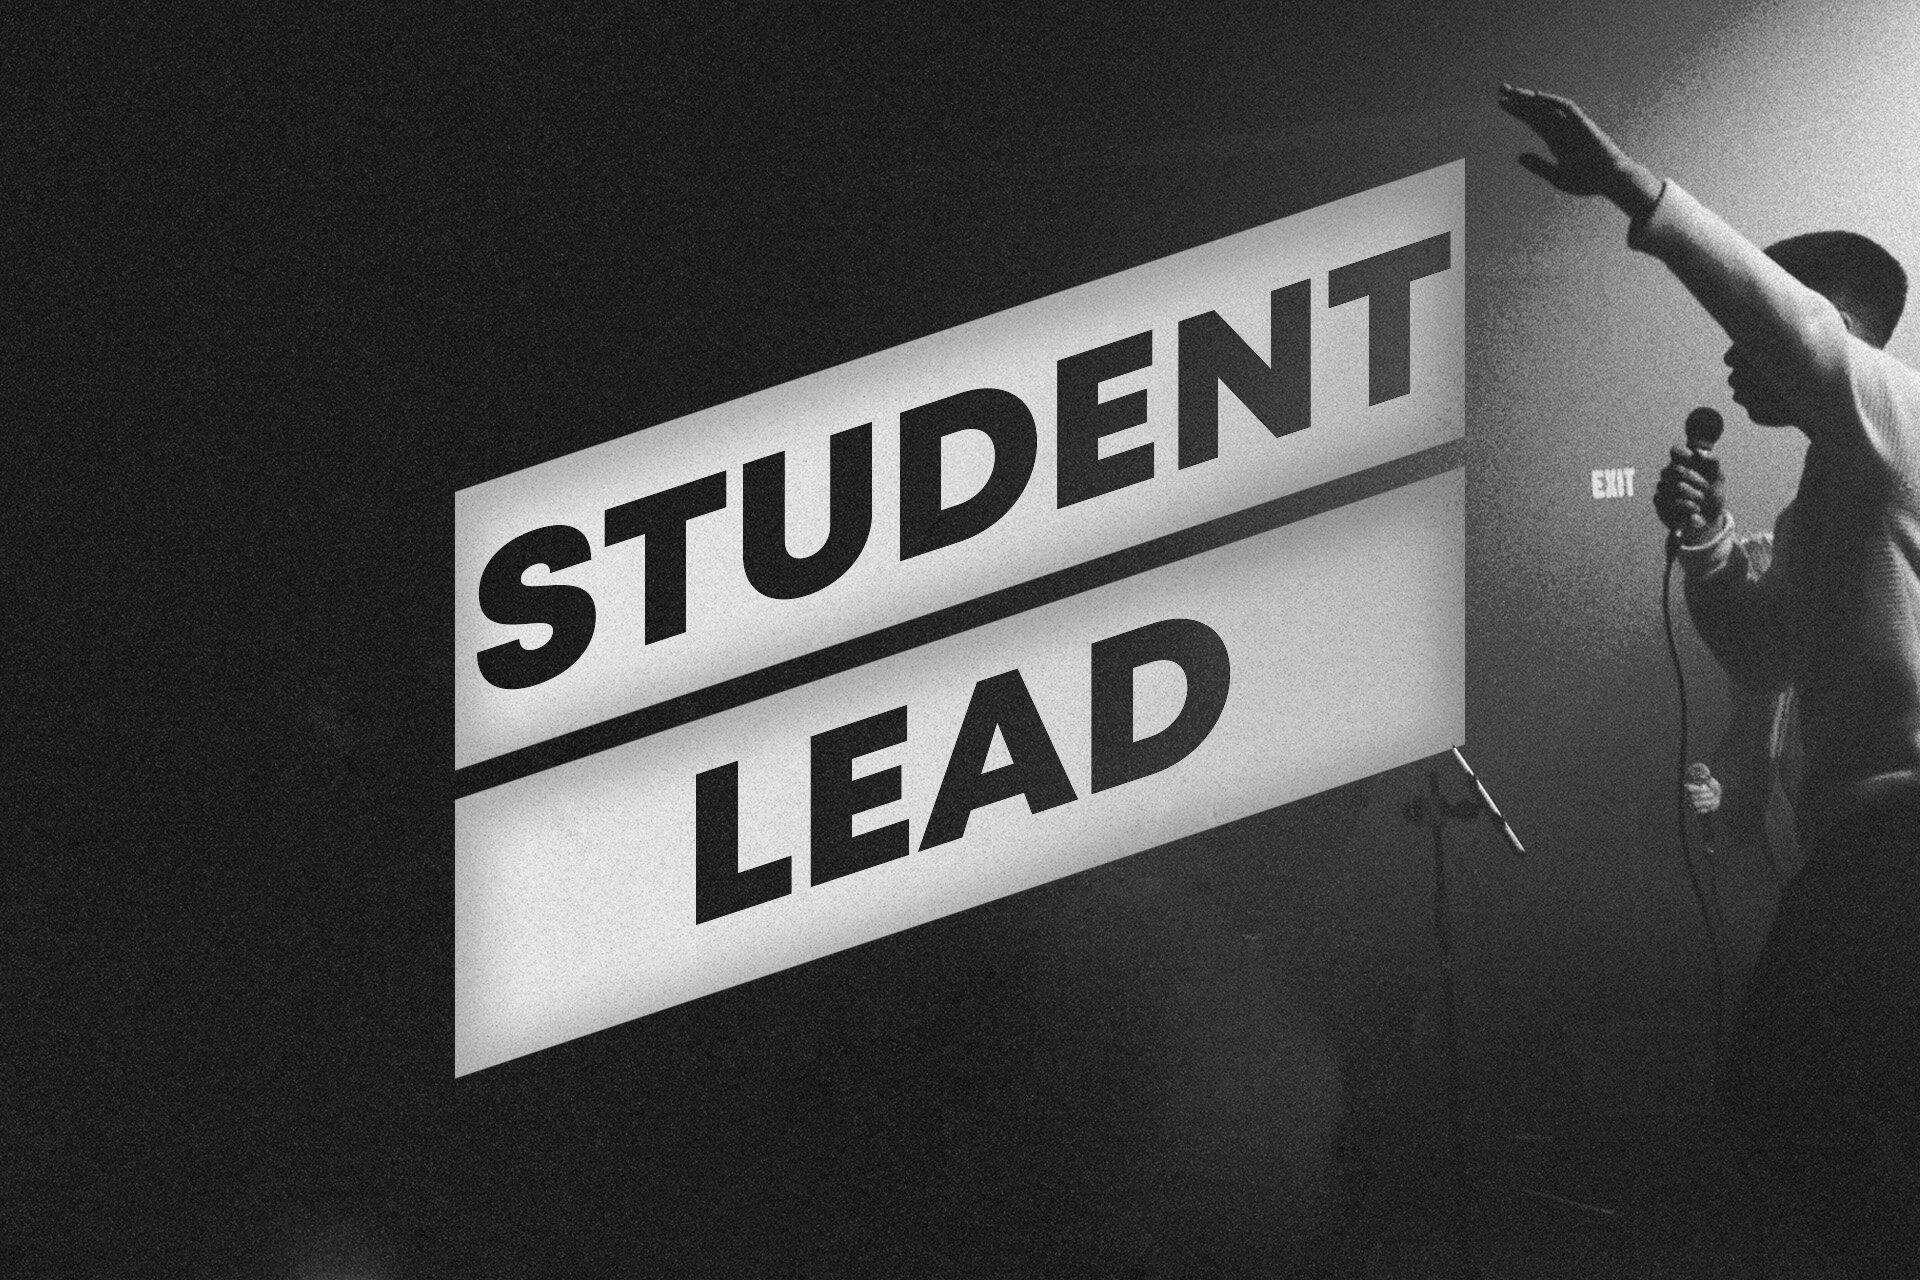 Student Lead.jpg